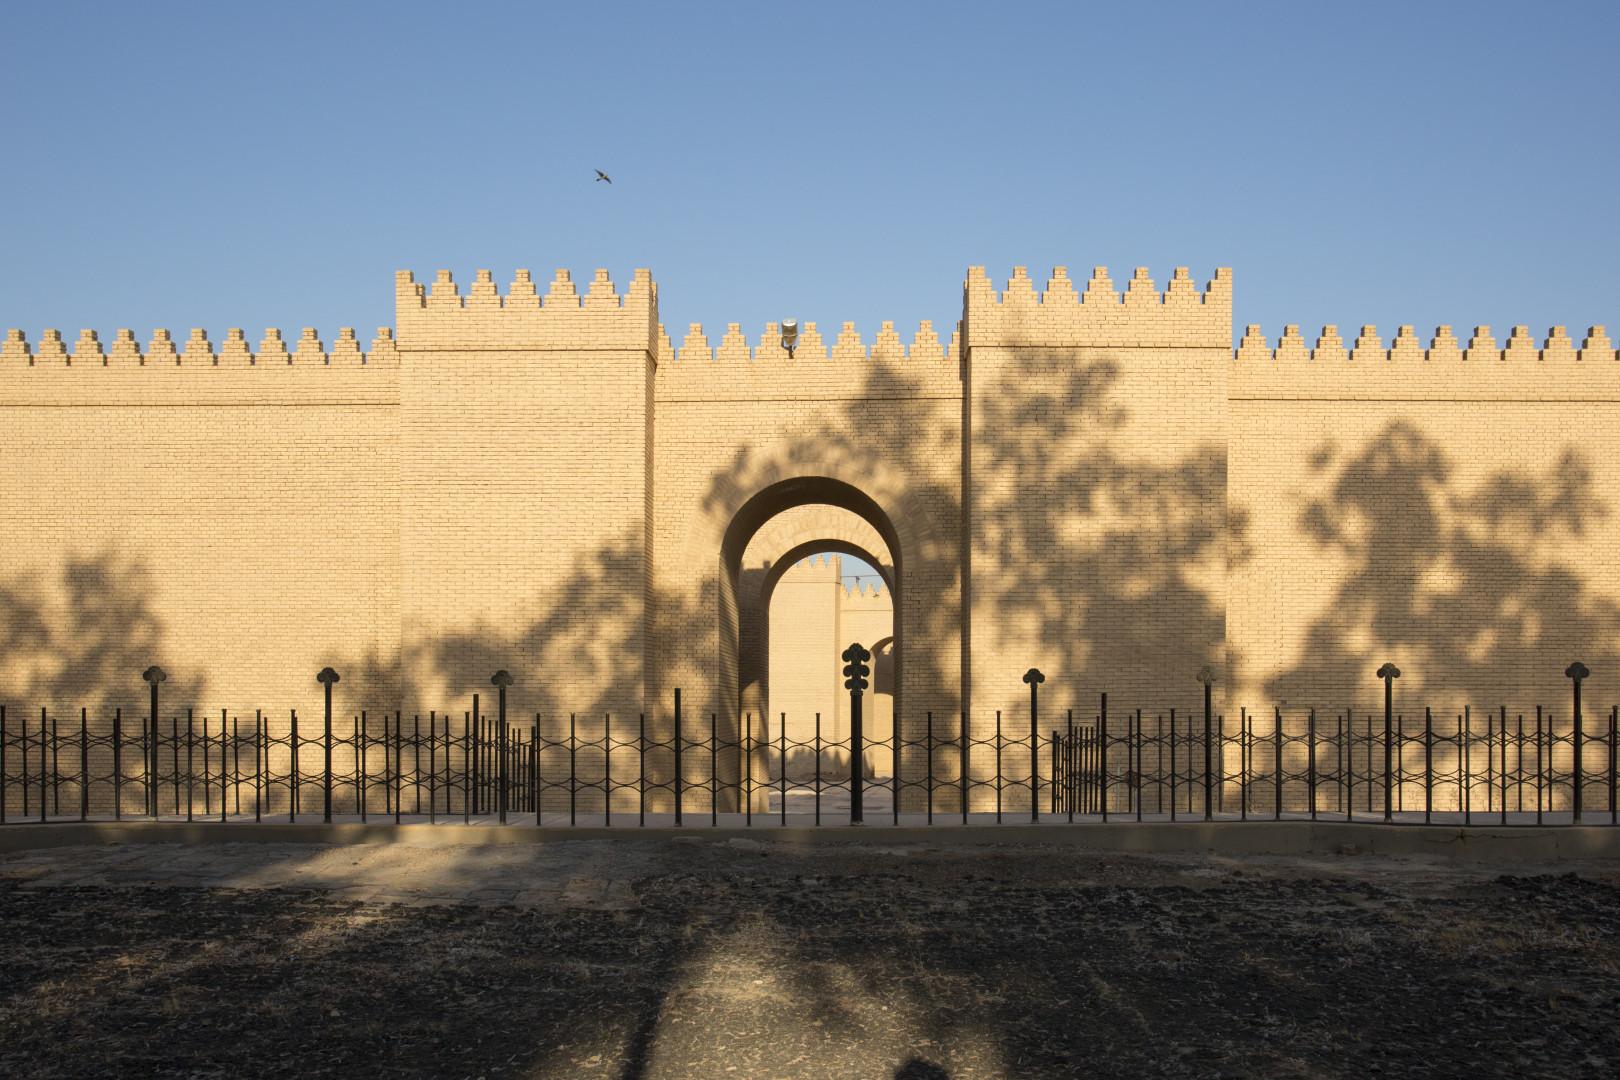 La cité antique de Babylone a été inscrite vendredi au patrimoine mondial de l'Unesco.